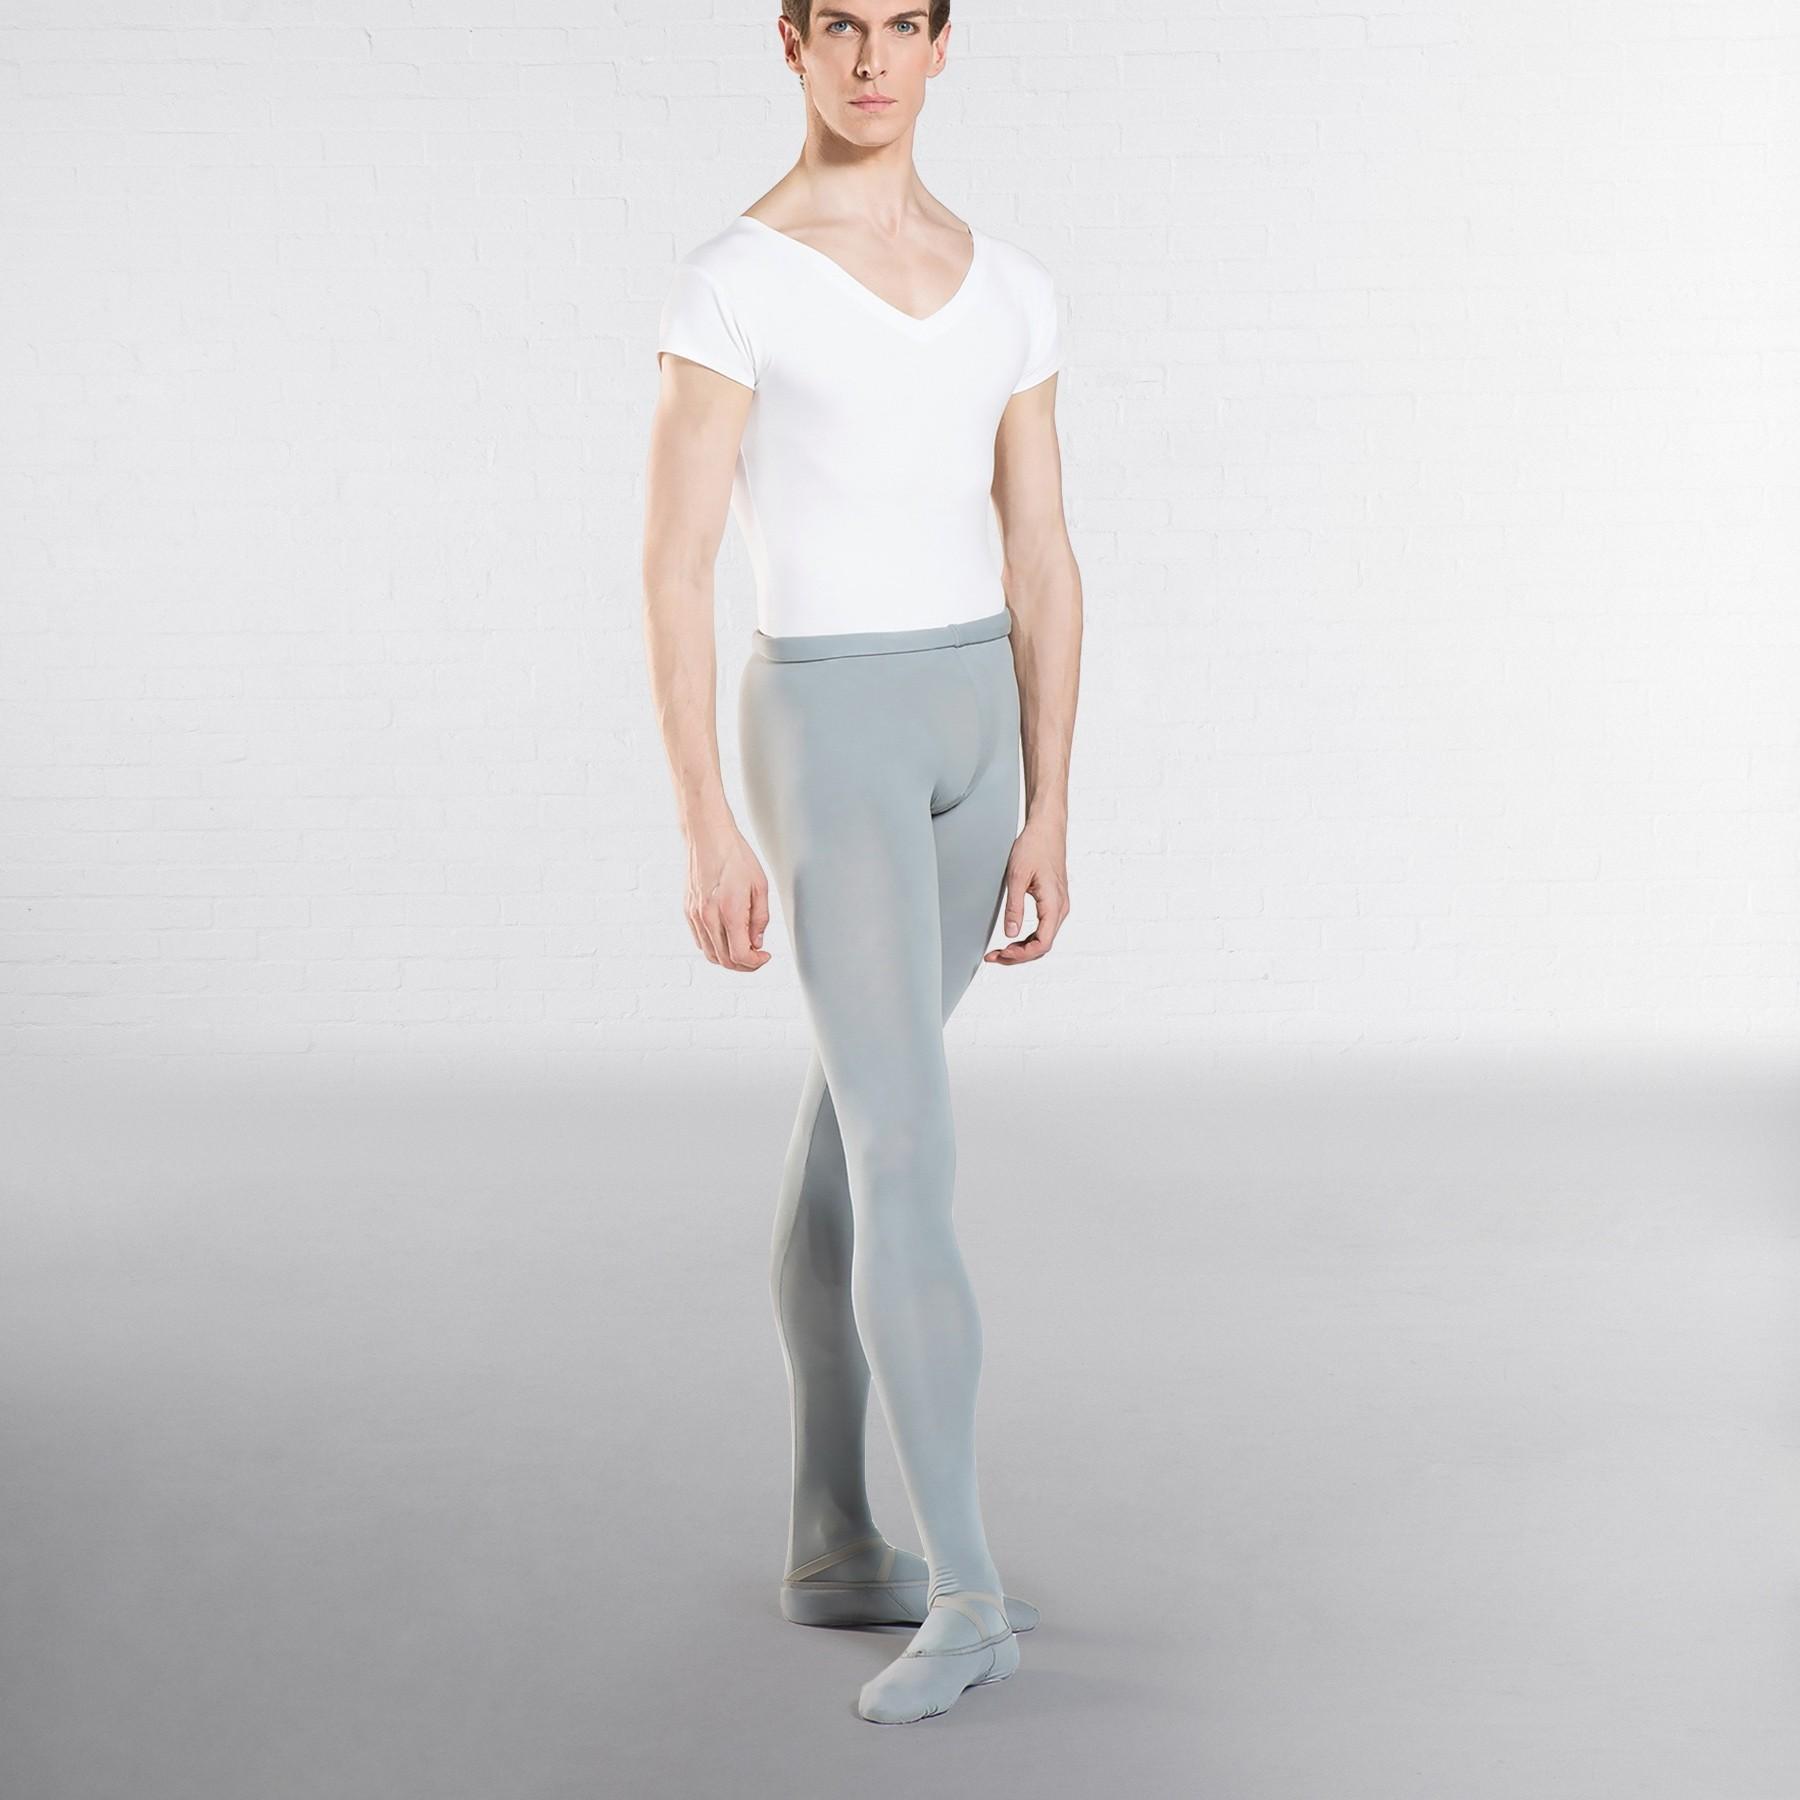 Wear Moi Solo Strumpfhosen mit Fuß für Männer (Grey)